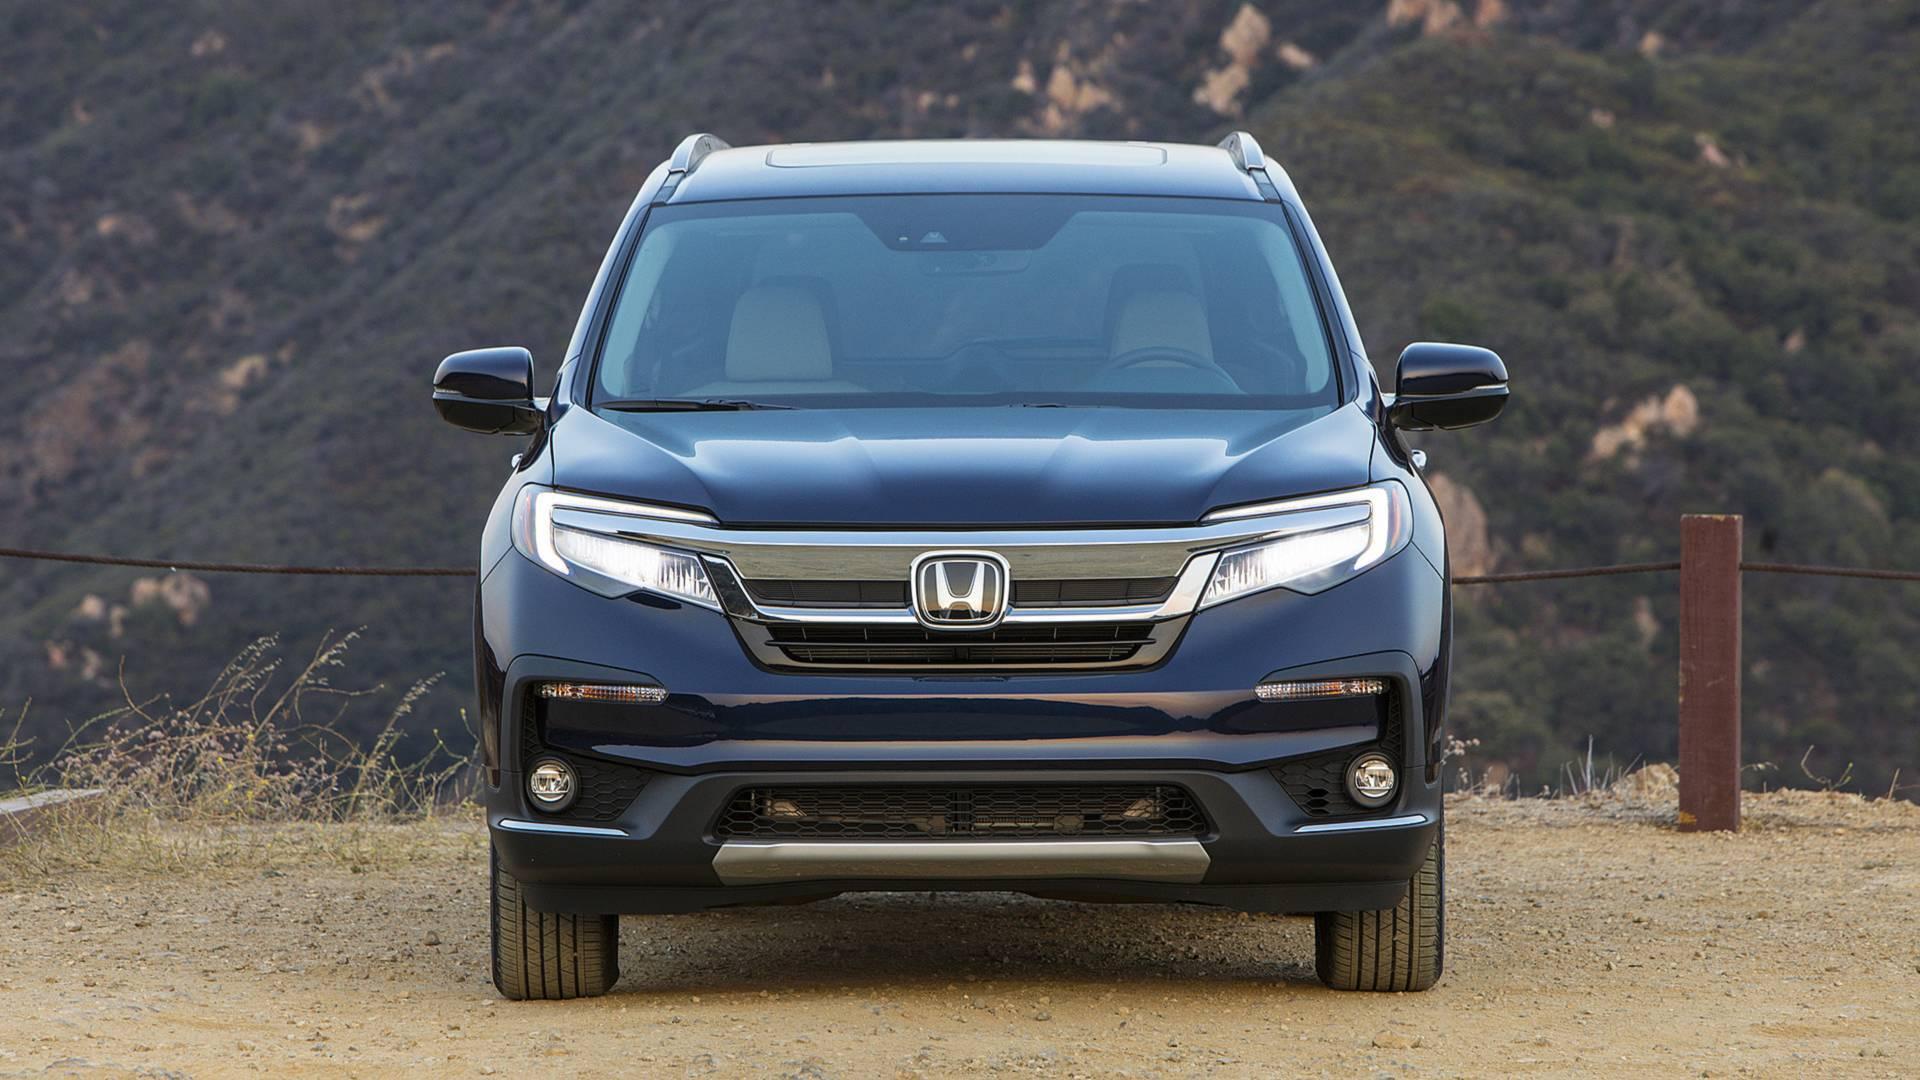 备受期待的本田7座SUV或将国产,汉兰达最大的竞争对手来了